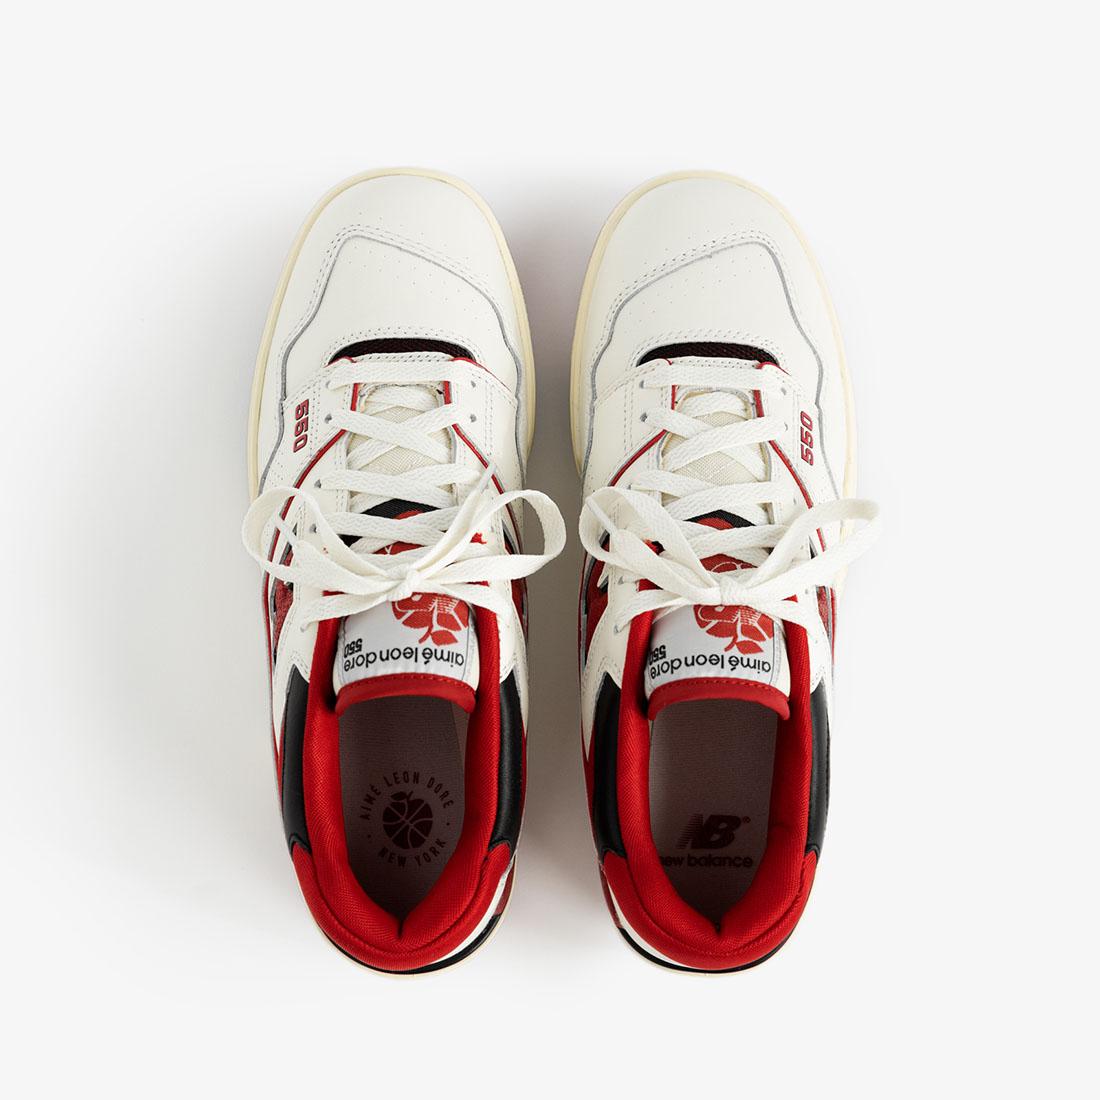 Aimé Leon Dore x New Balance P550 Basketball Oxford